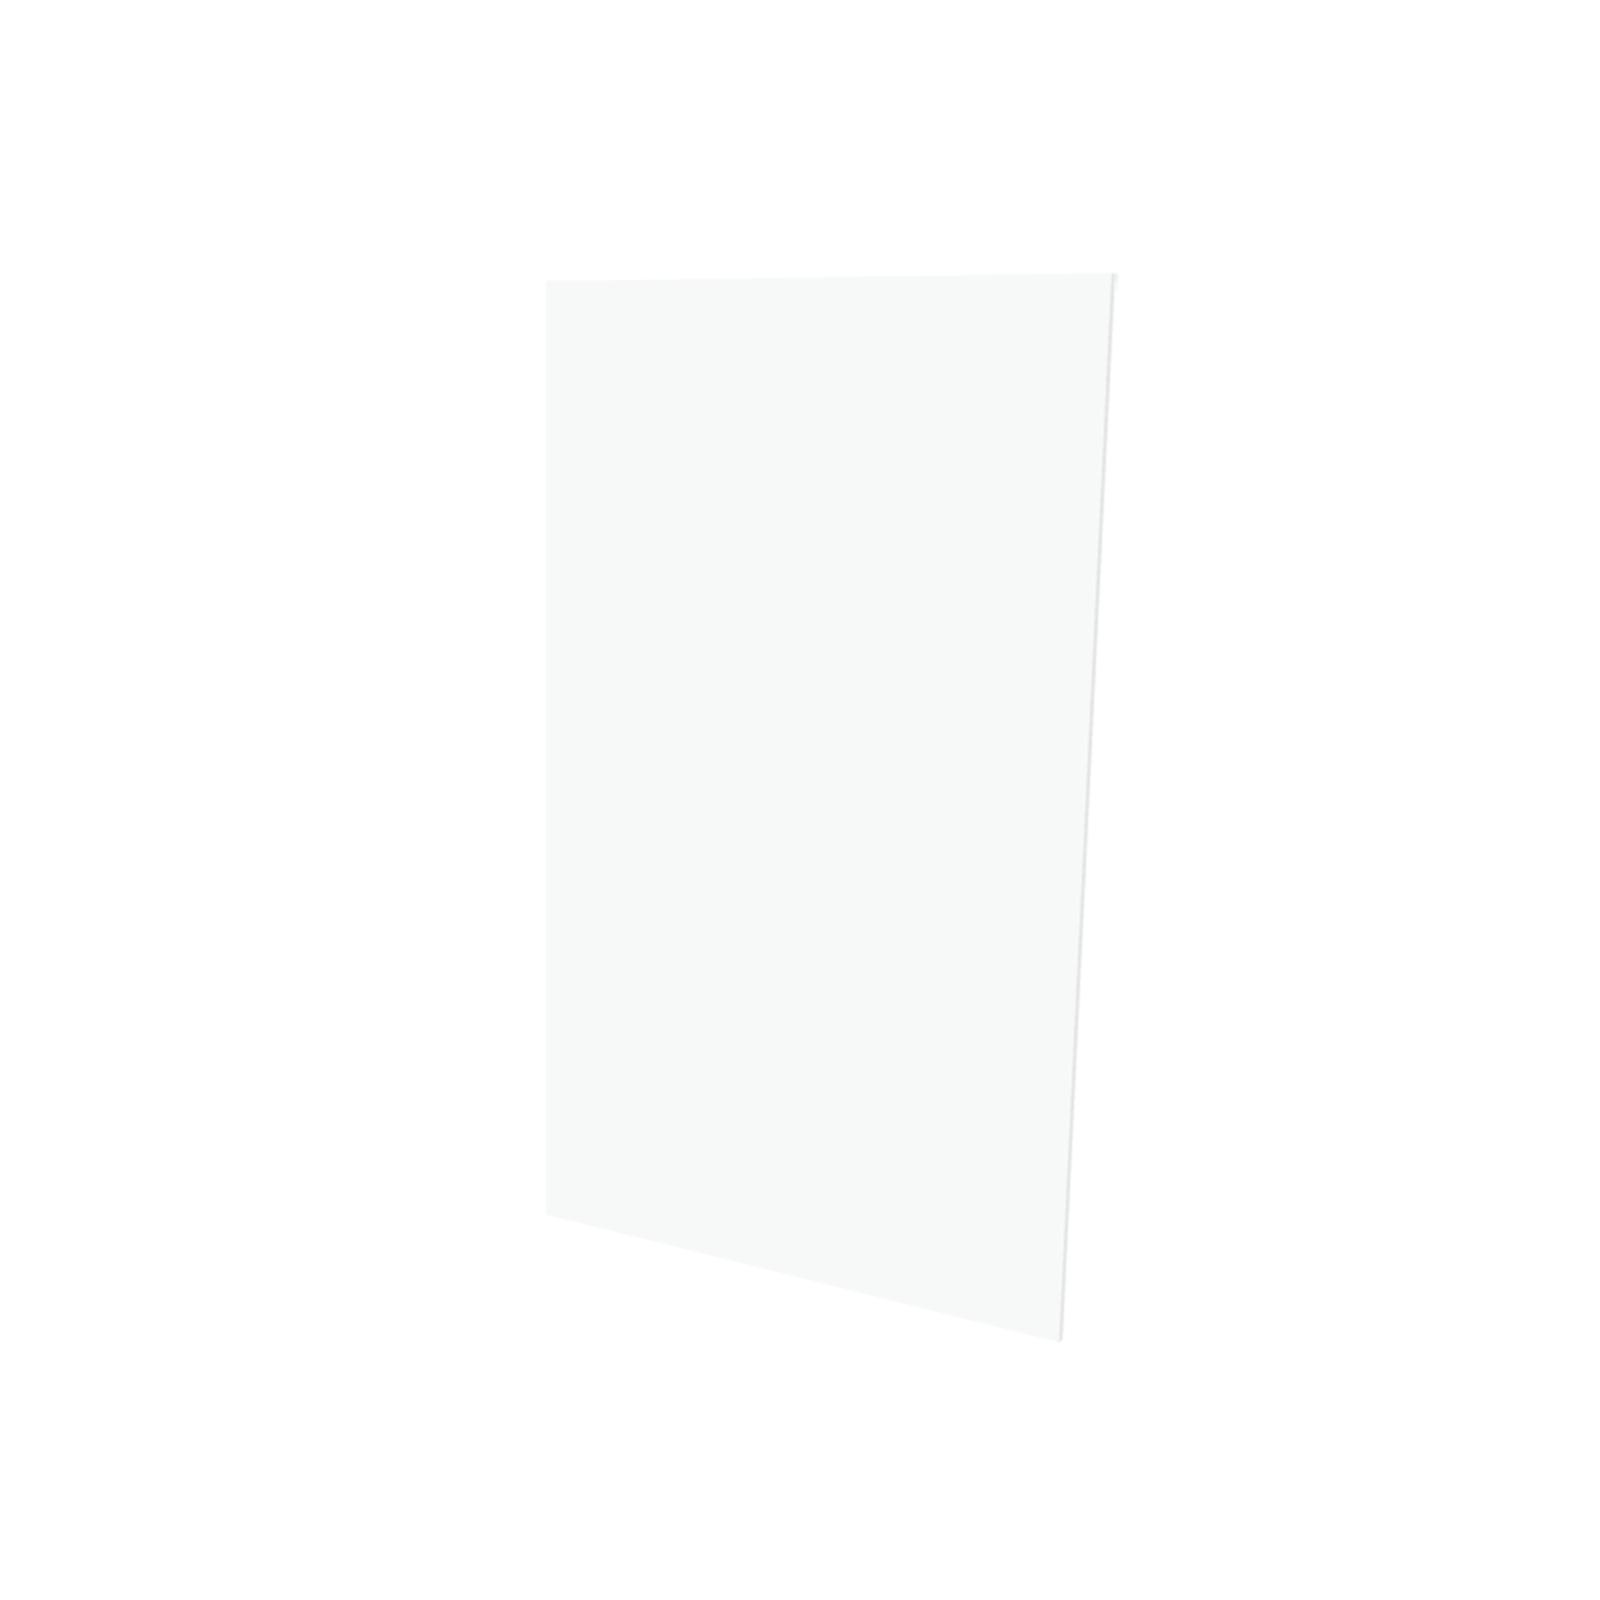 Vistelle 2070 x 1250 x 4mm Salt High Gloss Acrylic Bathroom Panel